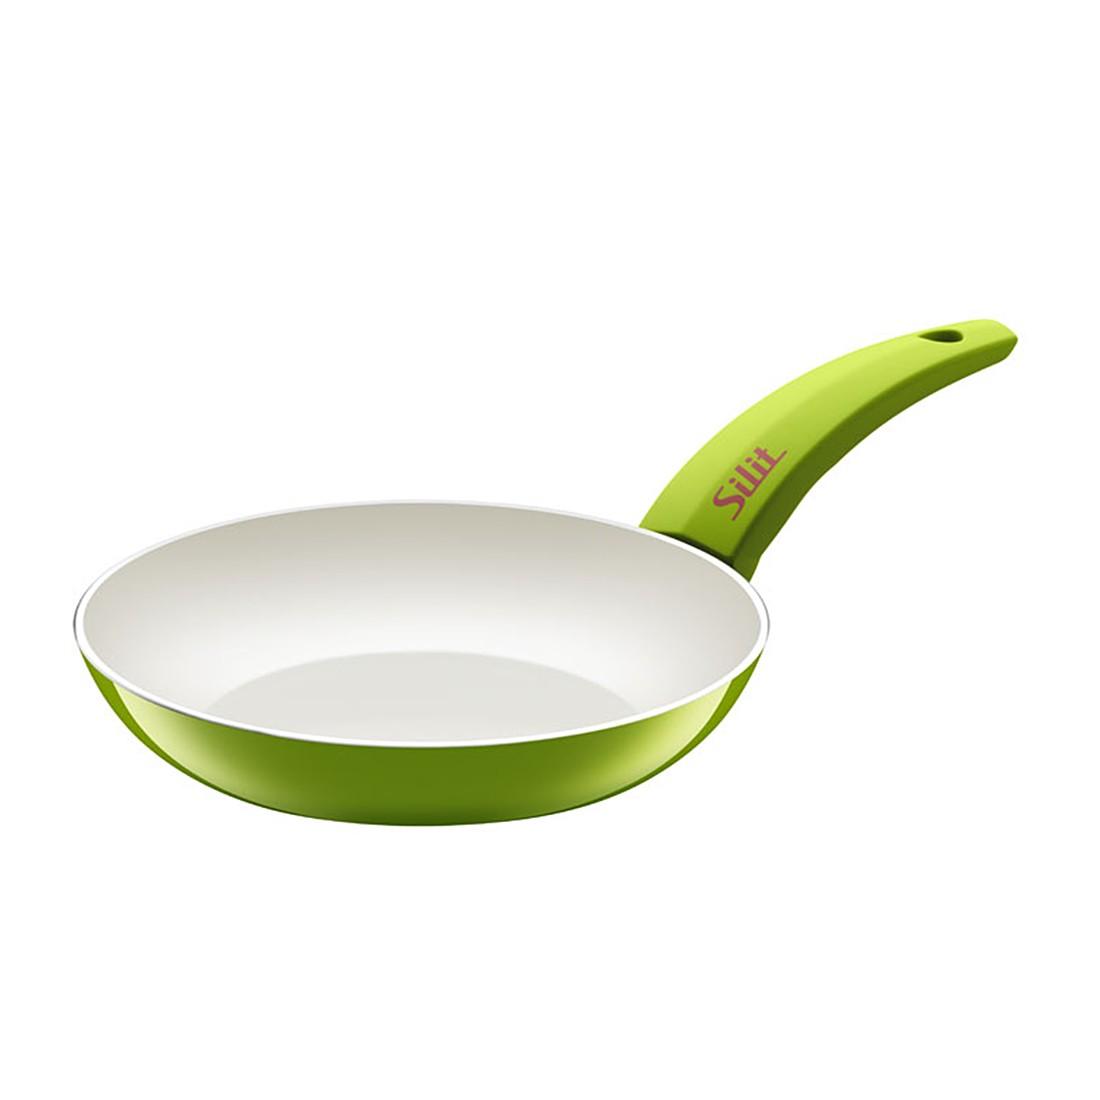 Pfanne hoch Selara – Grün – 28 cm, Silit online bestellen